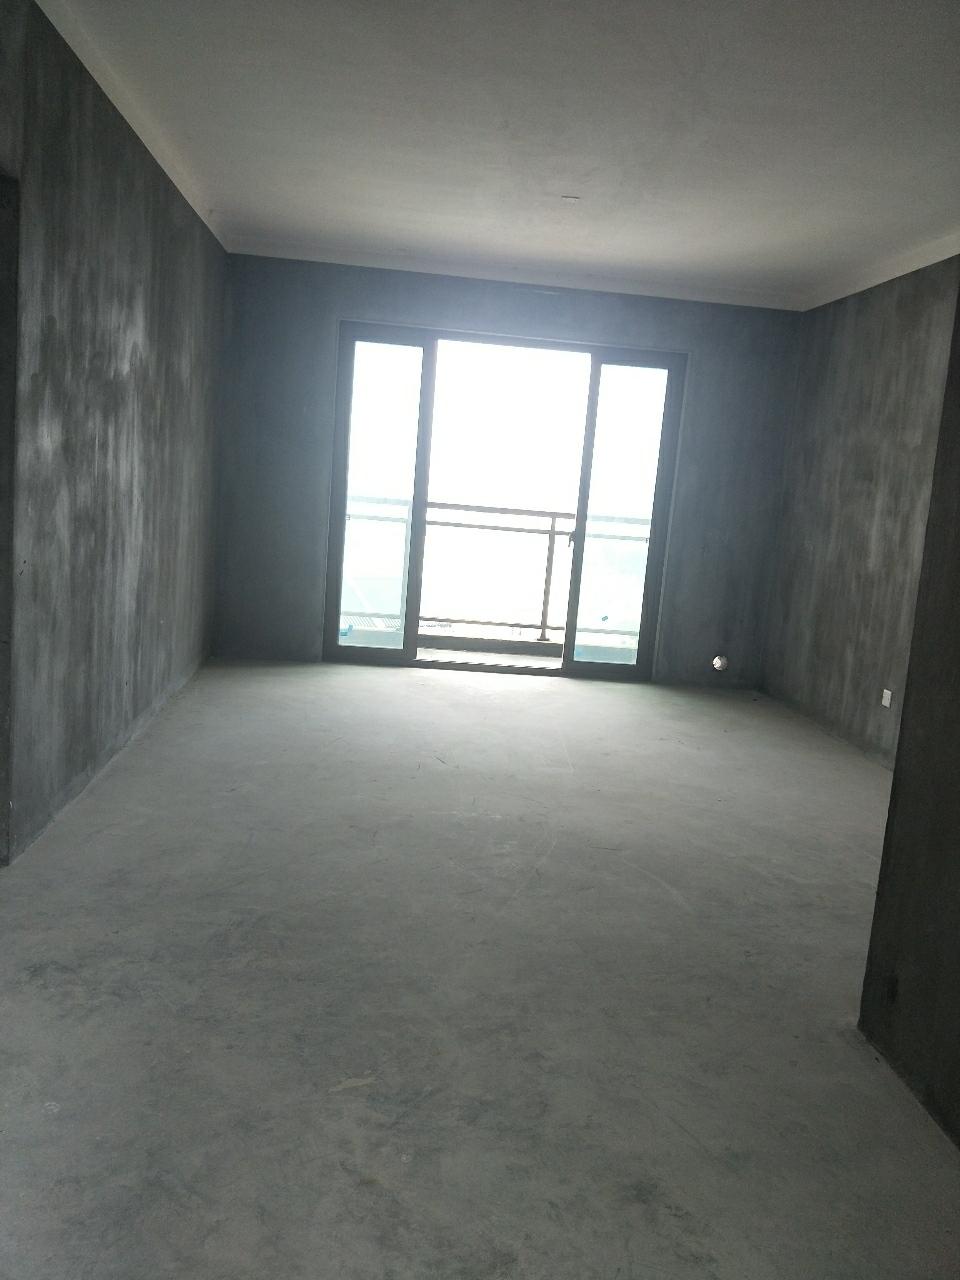 广银 · 大通豪庭3室 2厅 1卫62.8万元